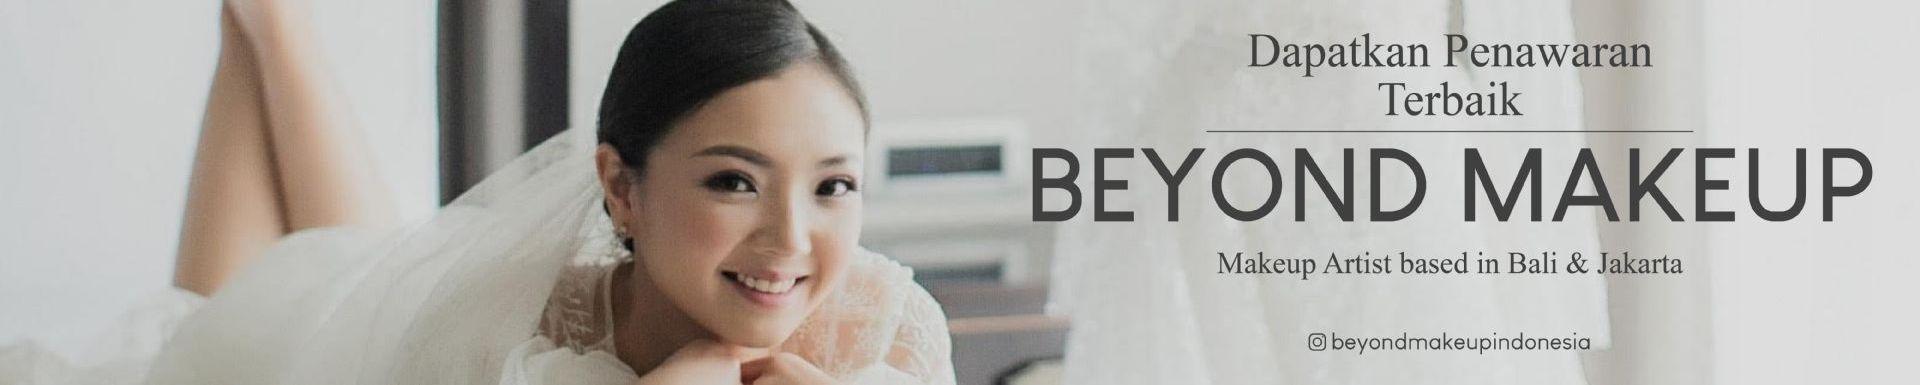 Beyond Makeup